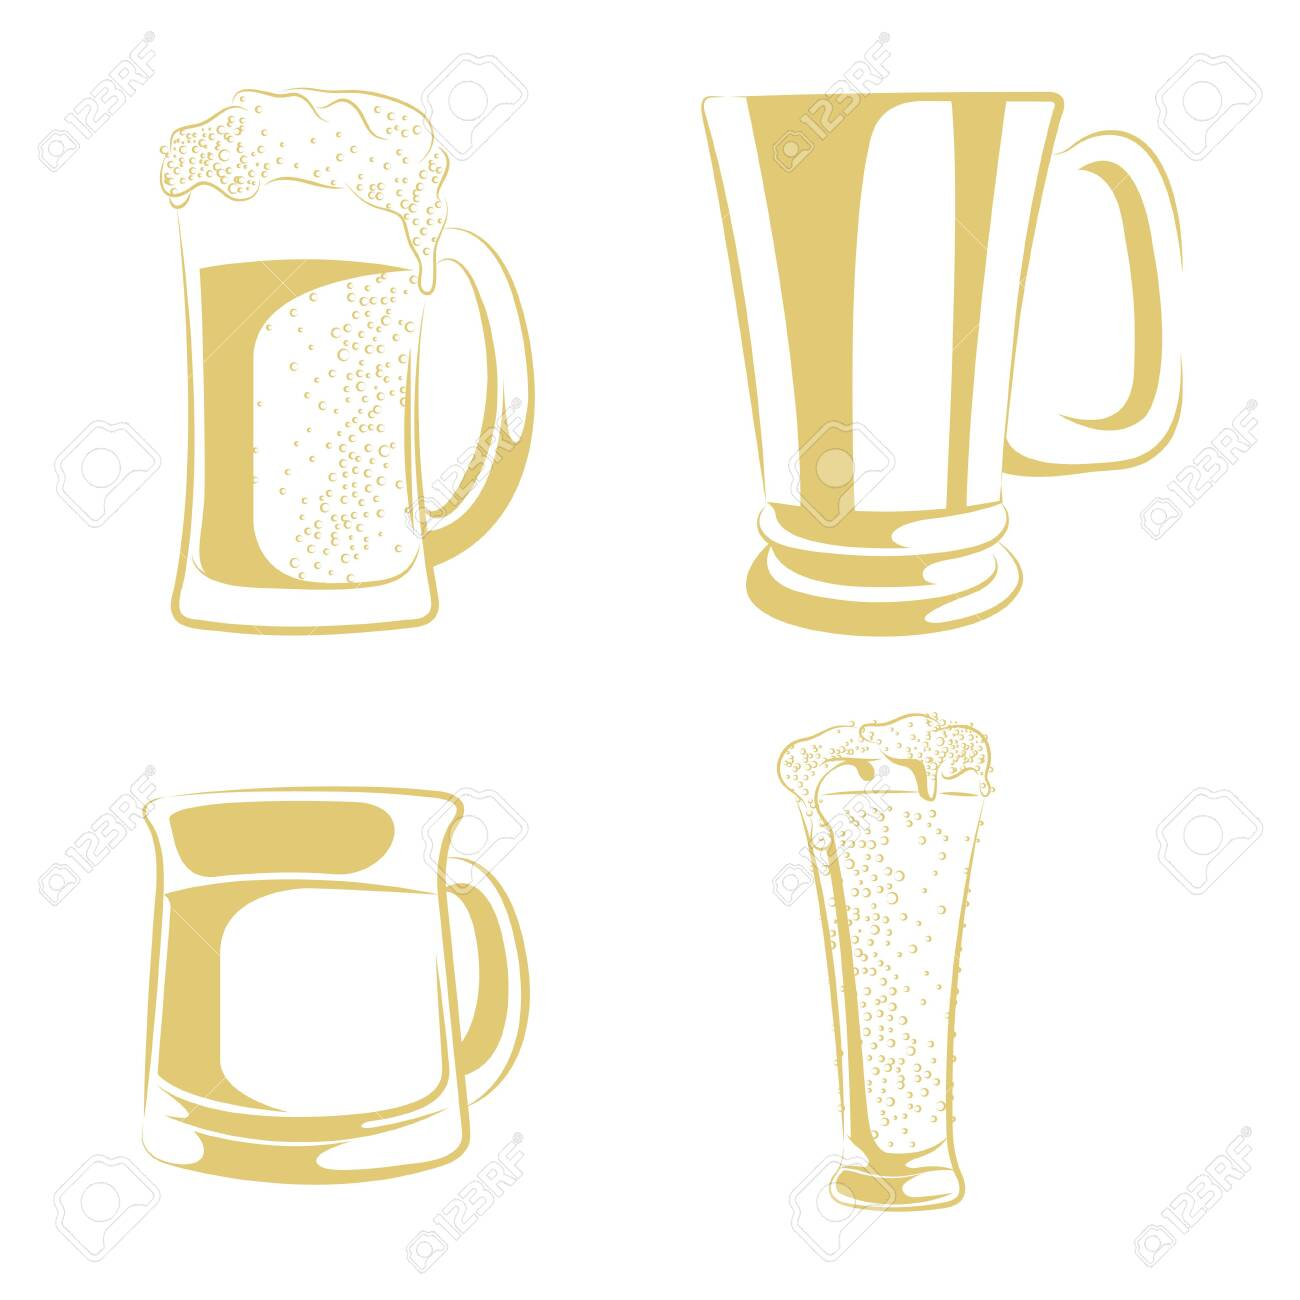 beer mug isolated on white background. - 131437387